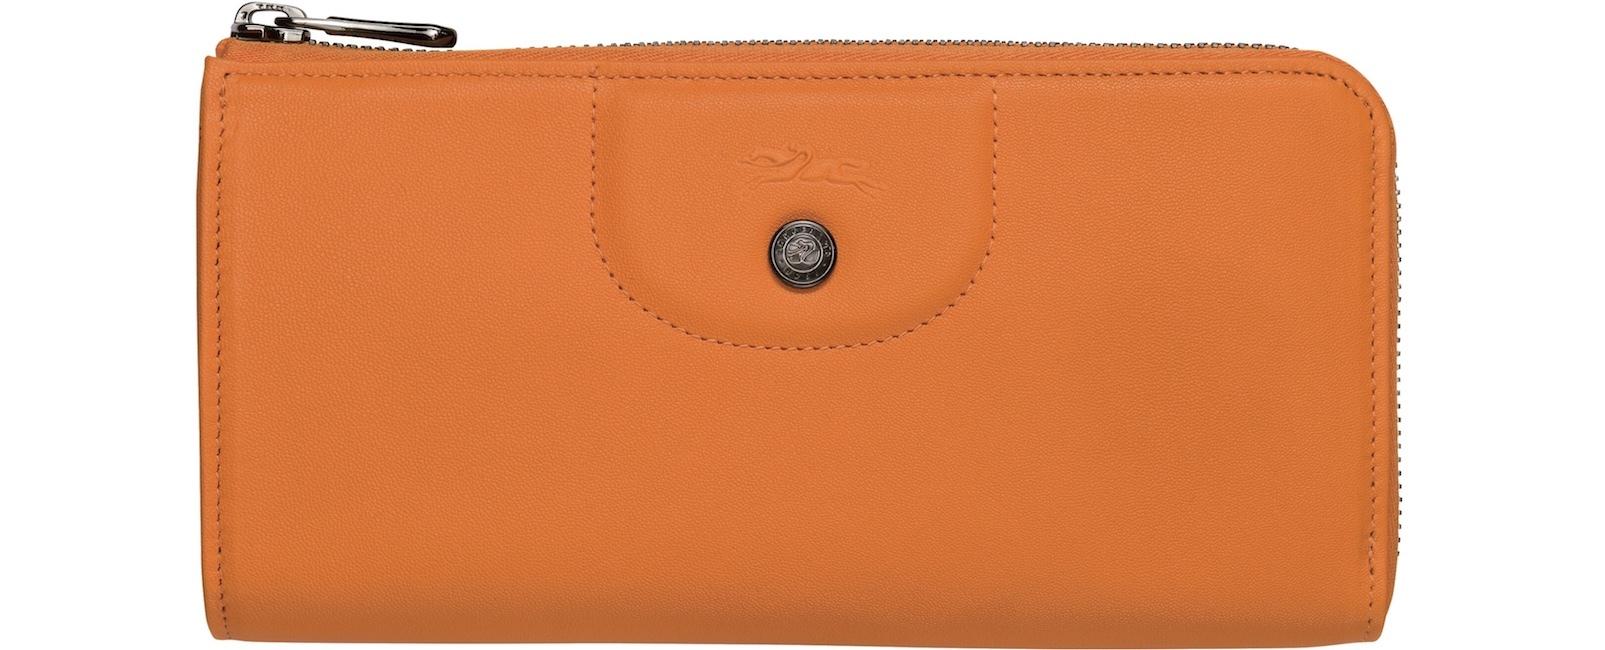 ロンシャン 財布